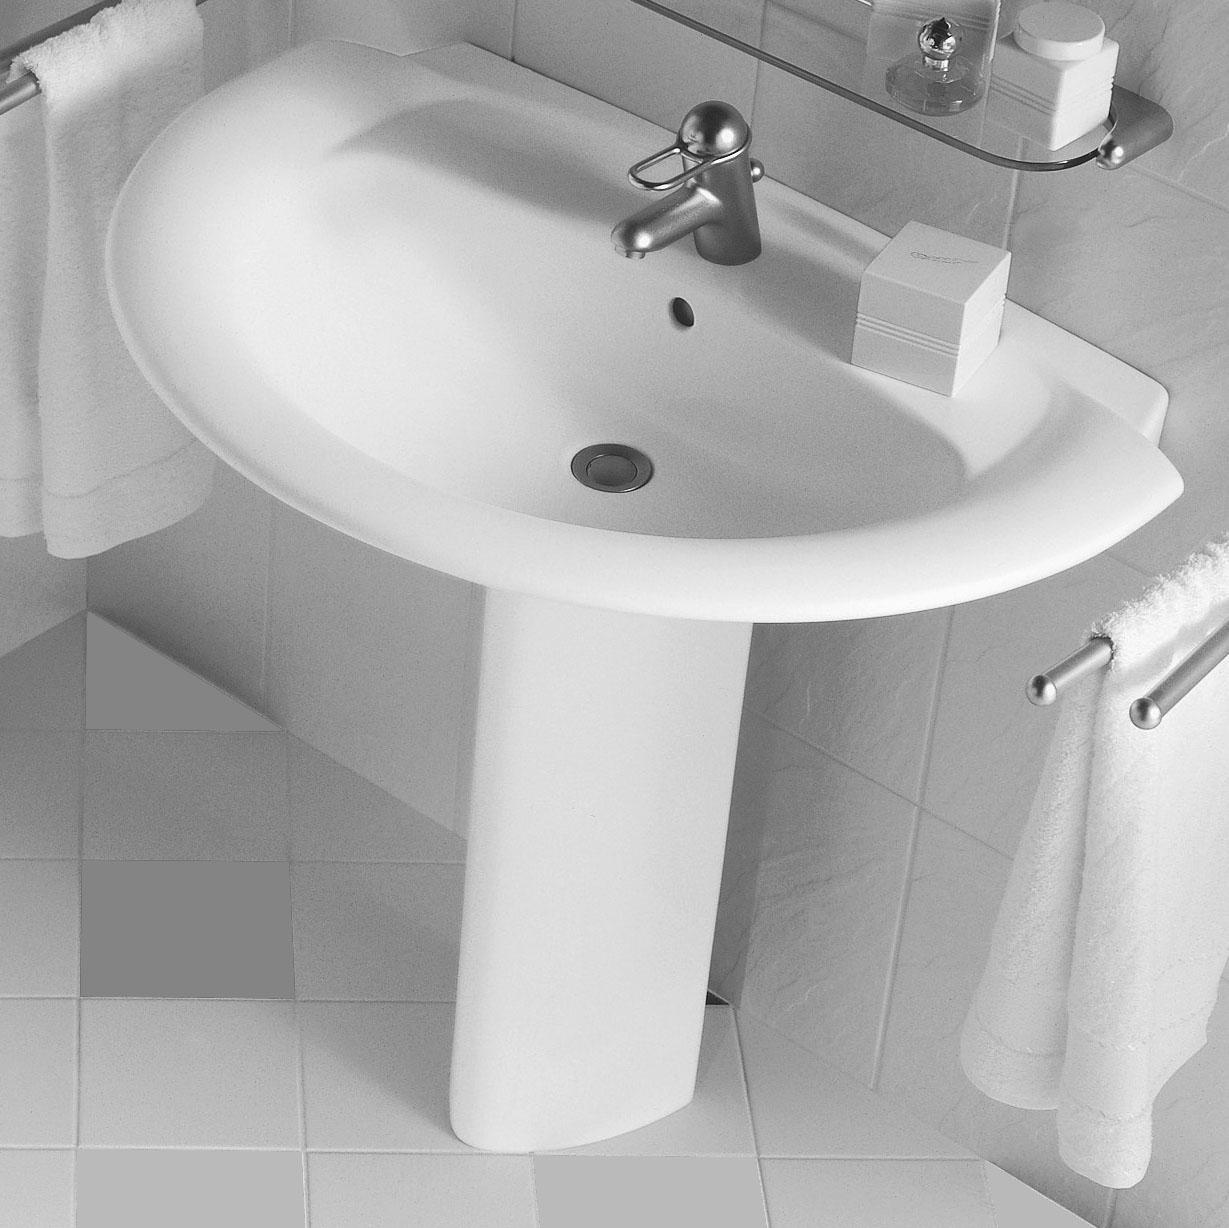 صور اشكال احواض حمامات مودرن 2016 سوبر كايرو